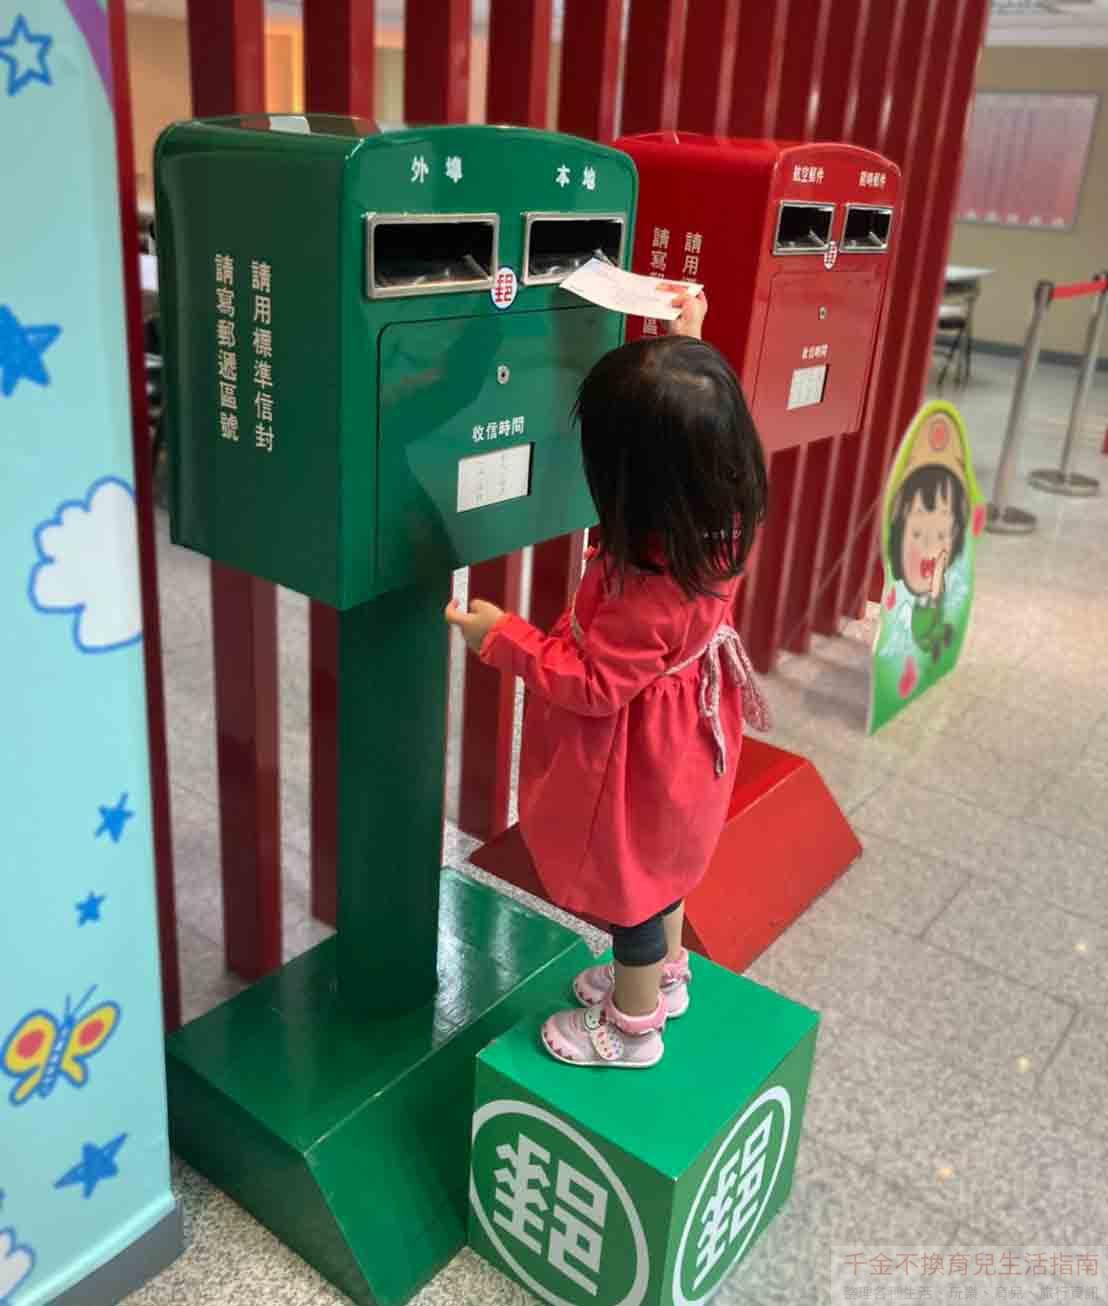 郵政博物館親子免費活動:臨時共學團「小小郵差體驗」分享